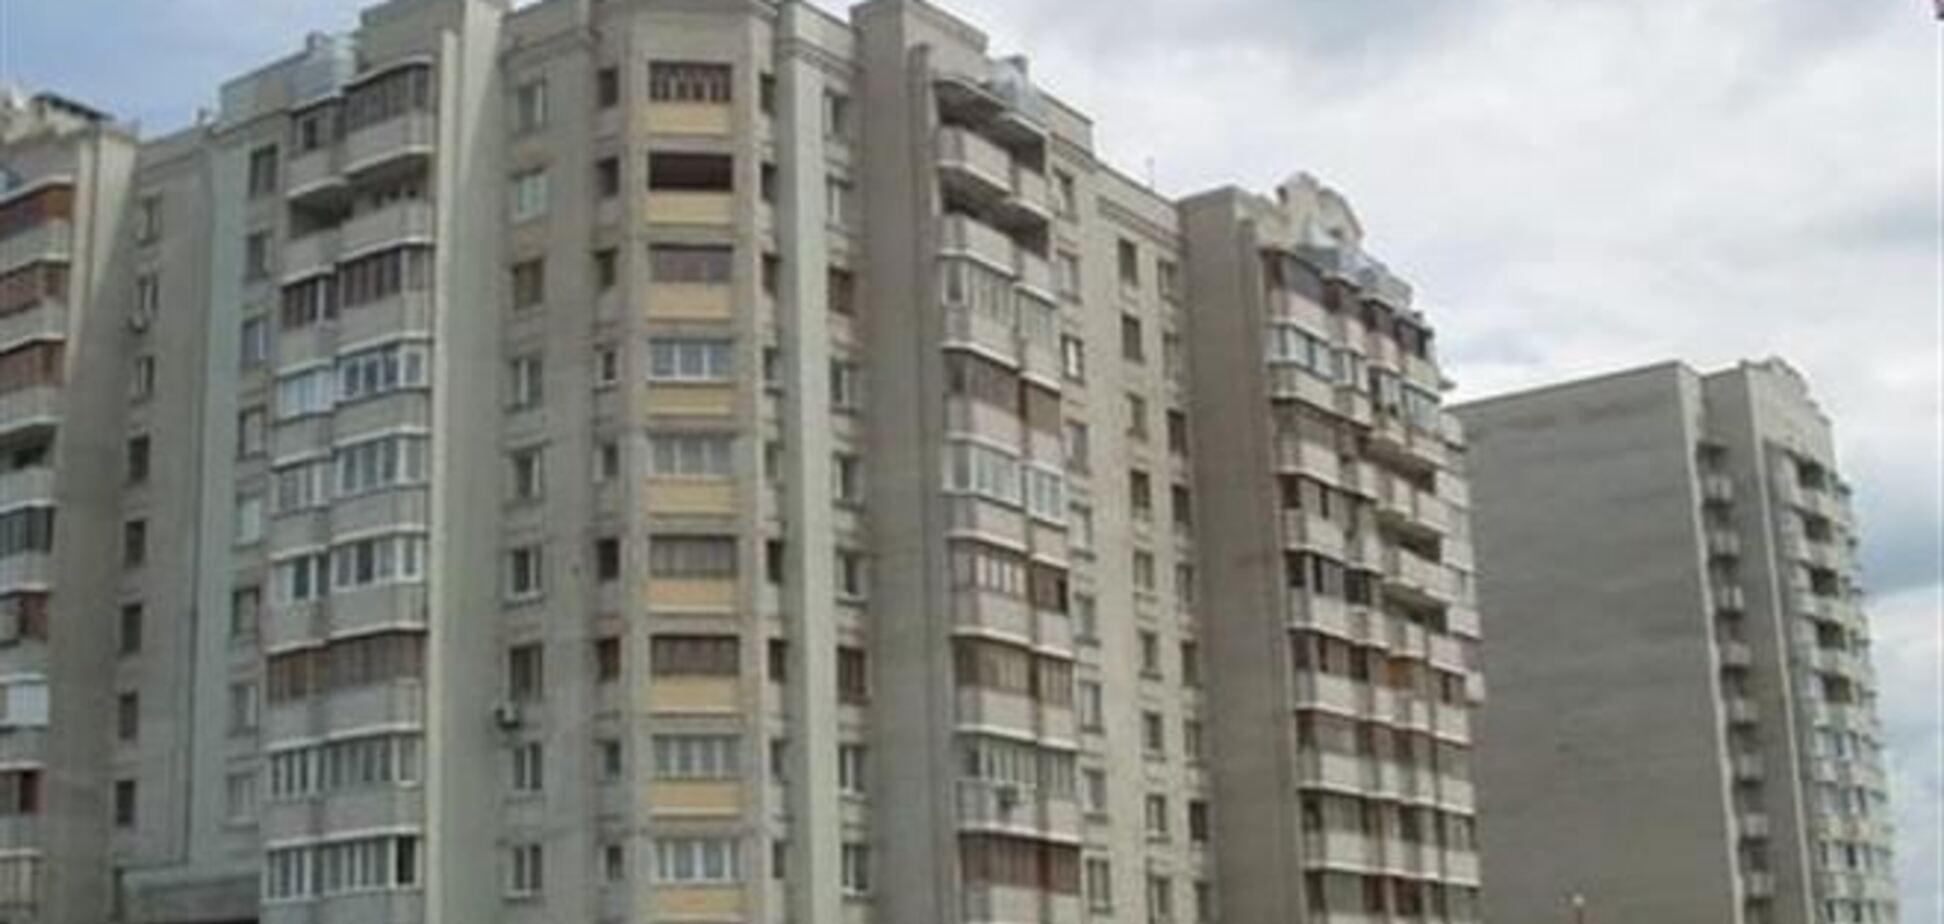 Метро на Теремках підвищить вартість житла на 15%